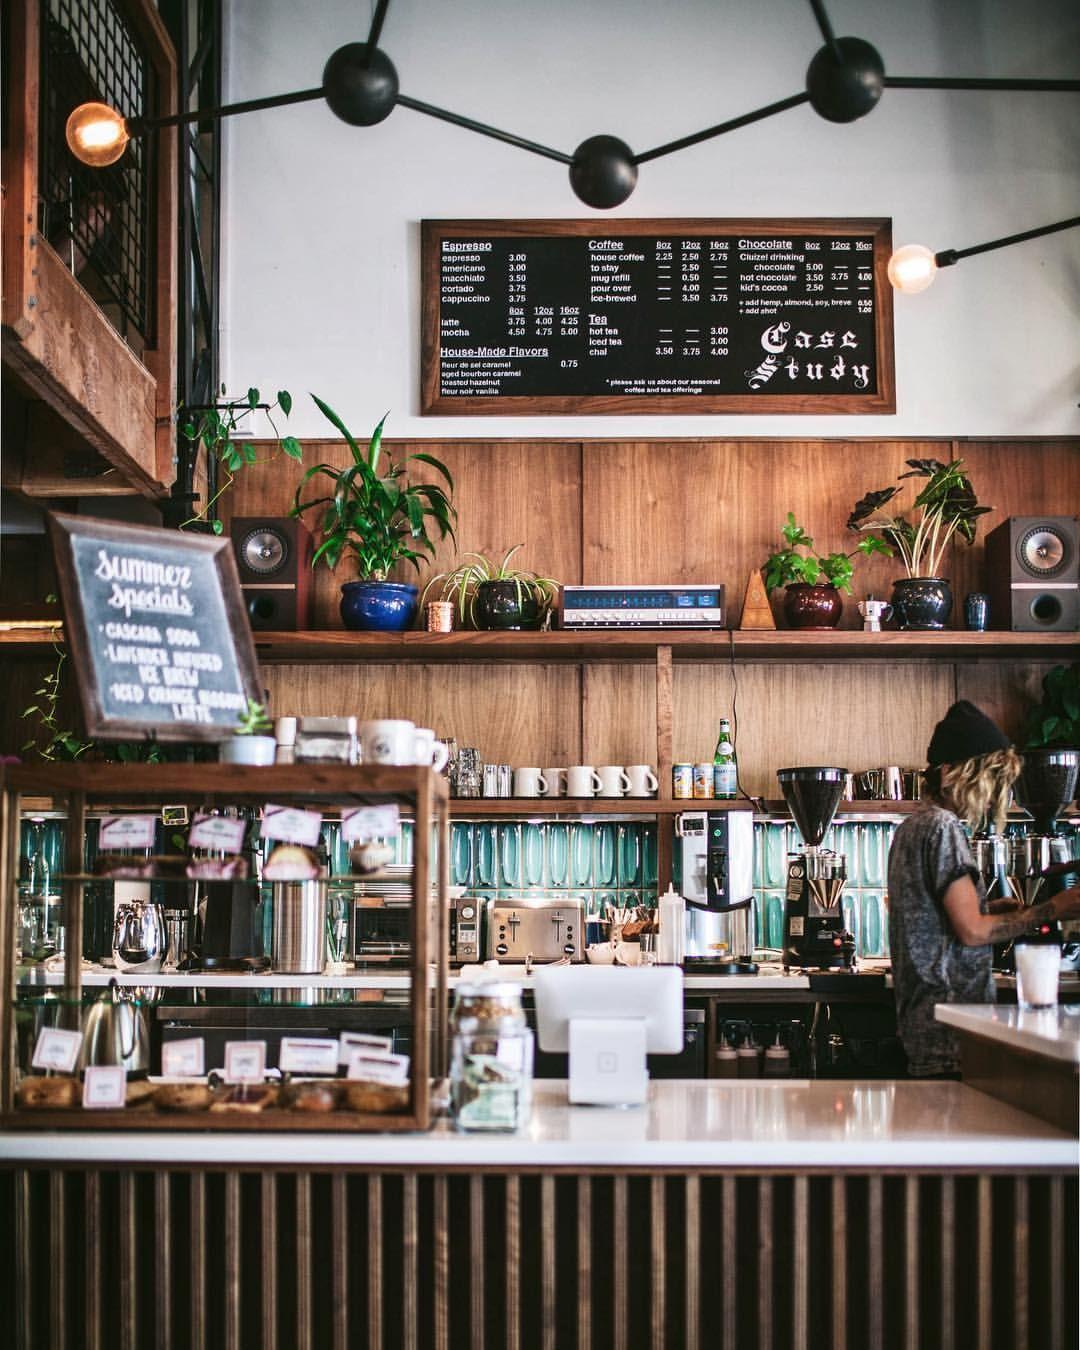 Cafe Interior Design Case Study - valoblogi com